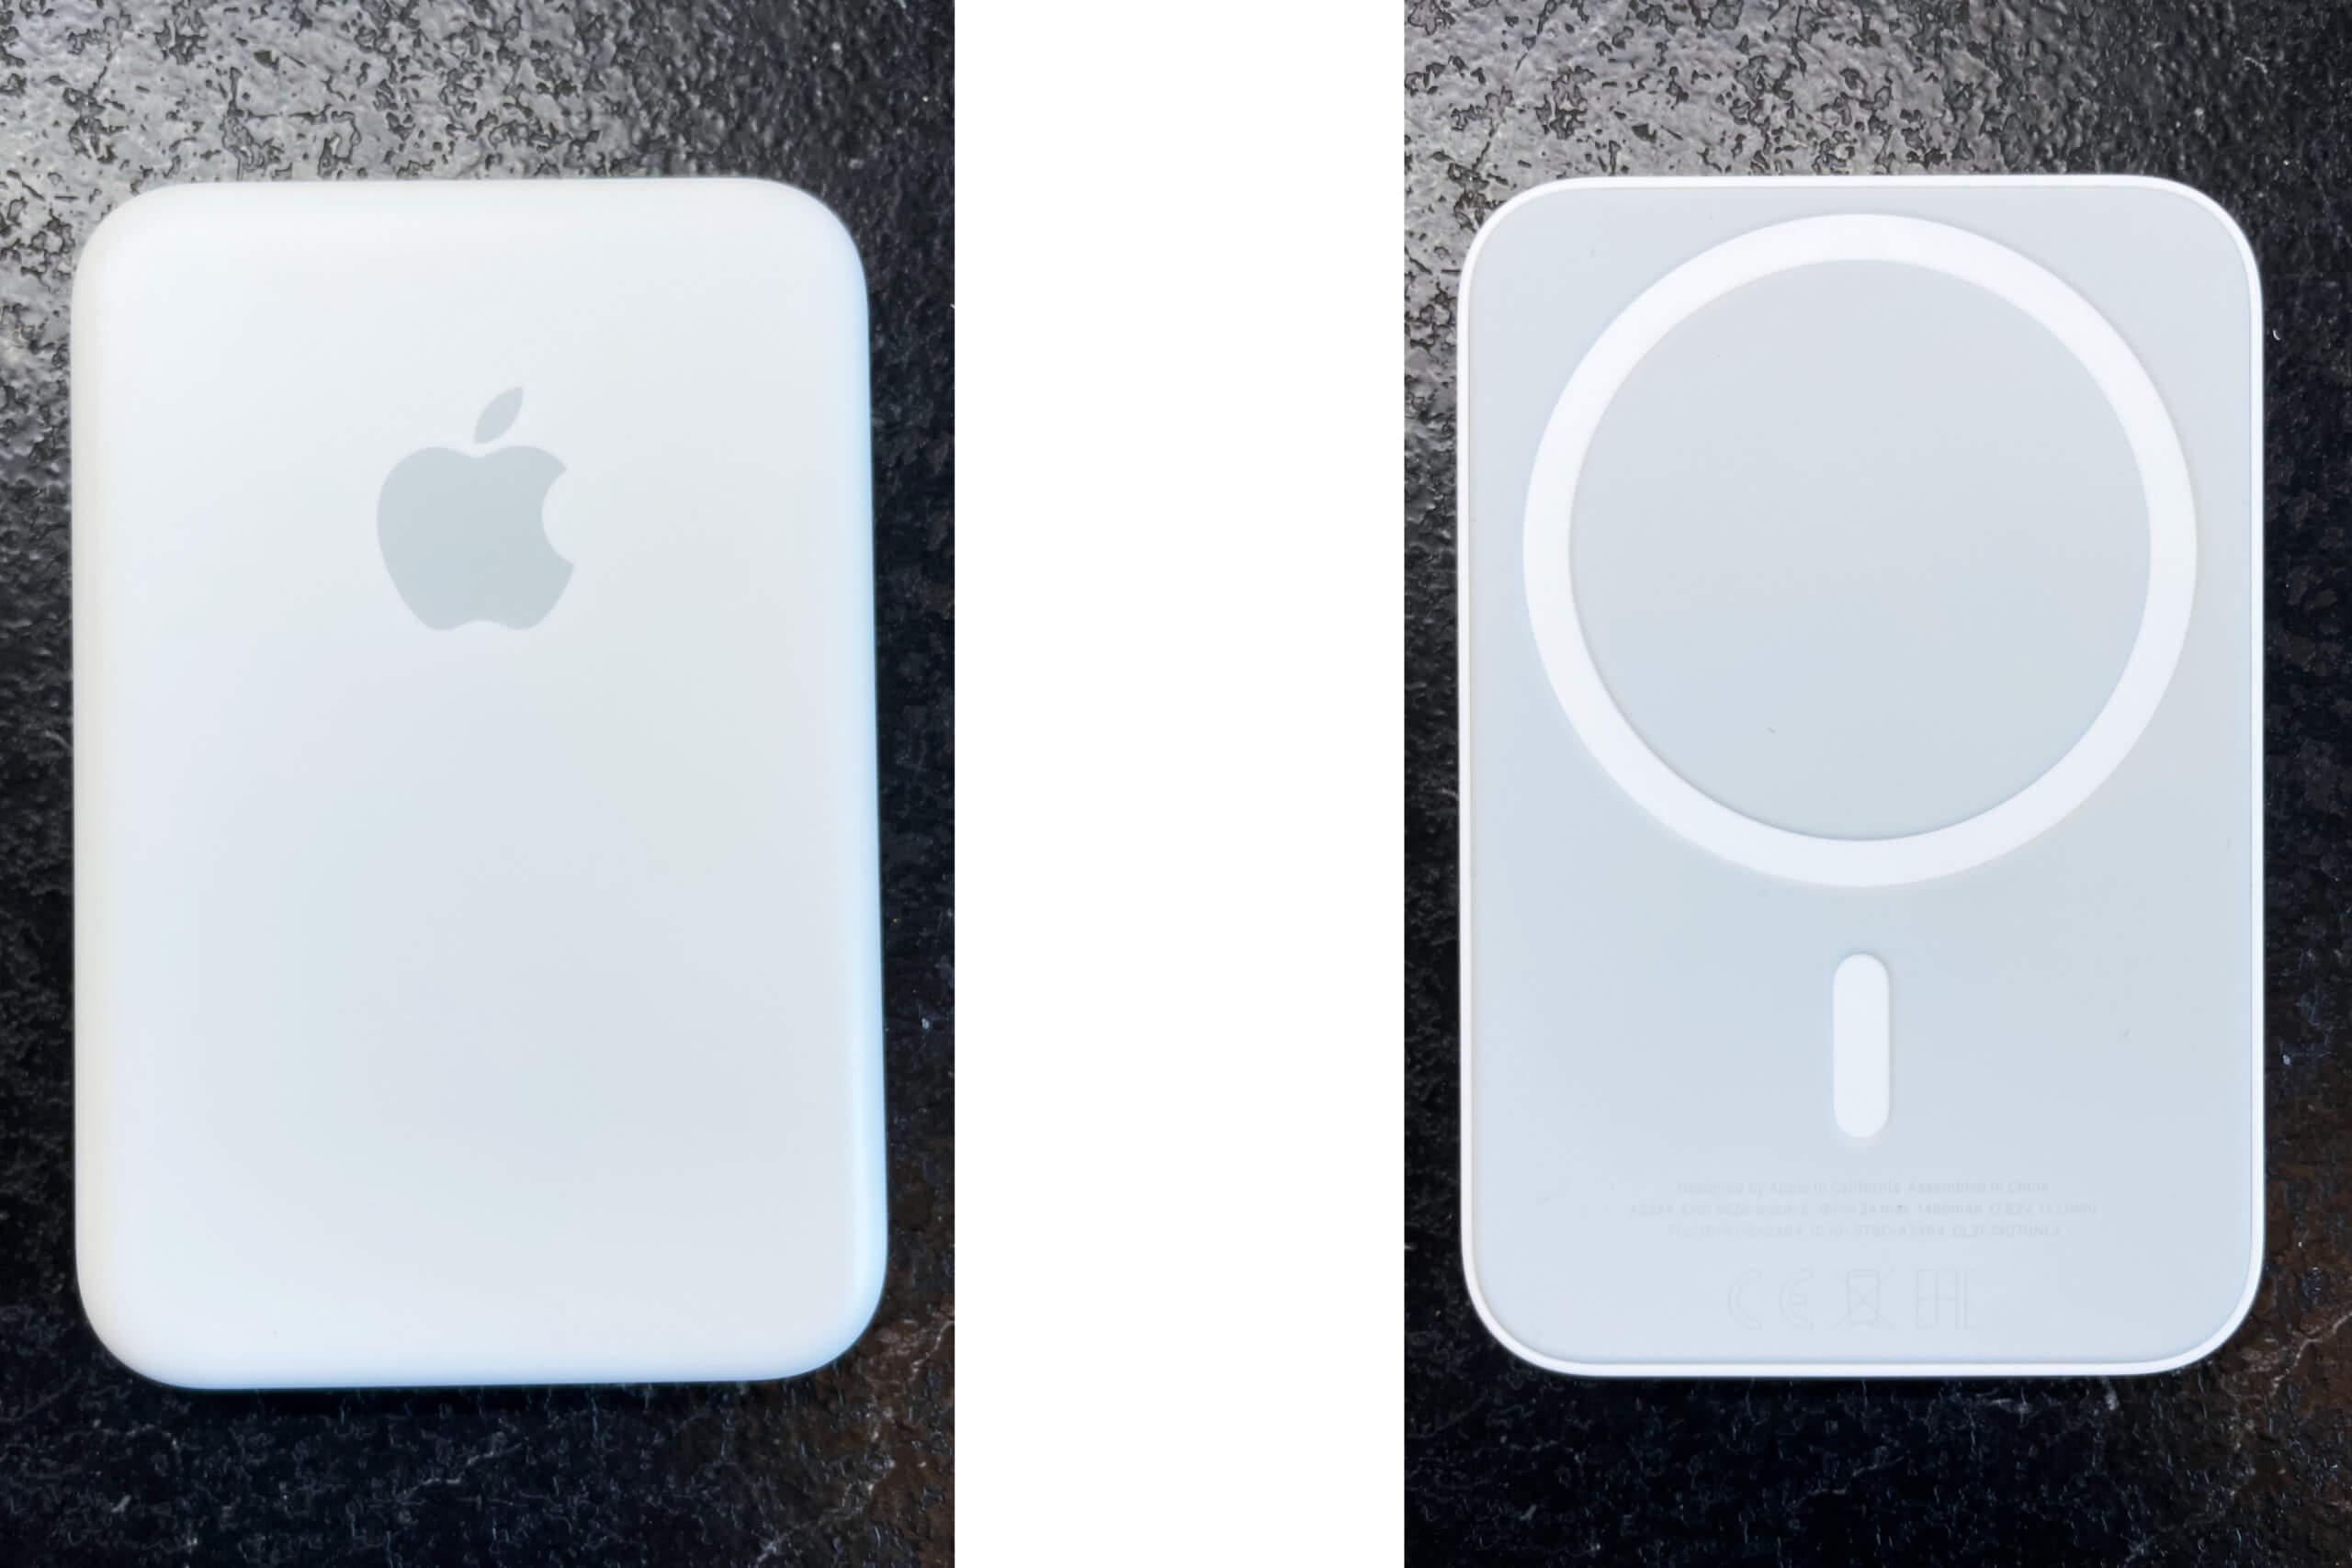 An der Innenseite, die zum iPhone zeigt, ist das Battery Pack mit weichem Stoff überzogen.